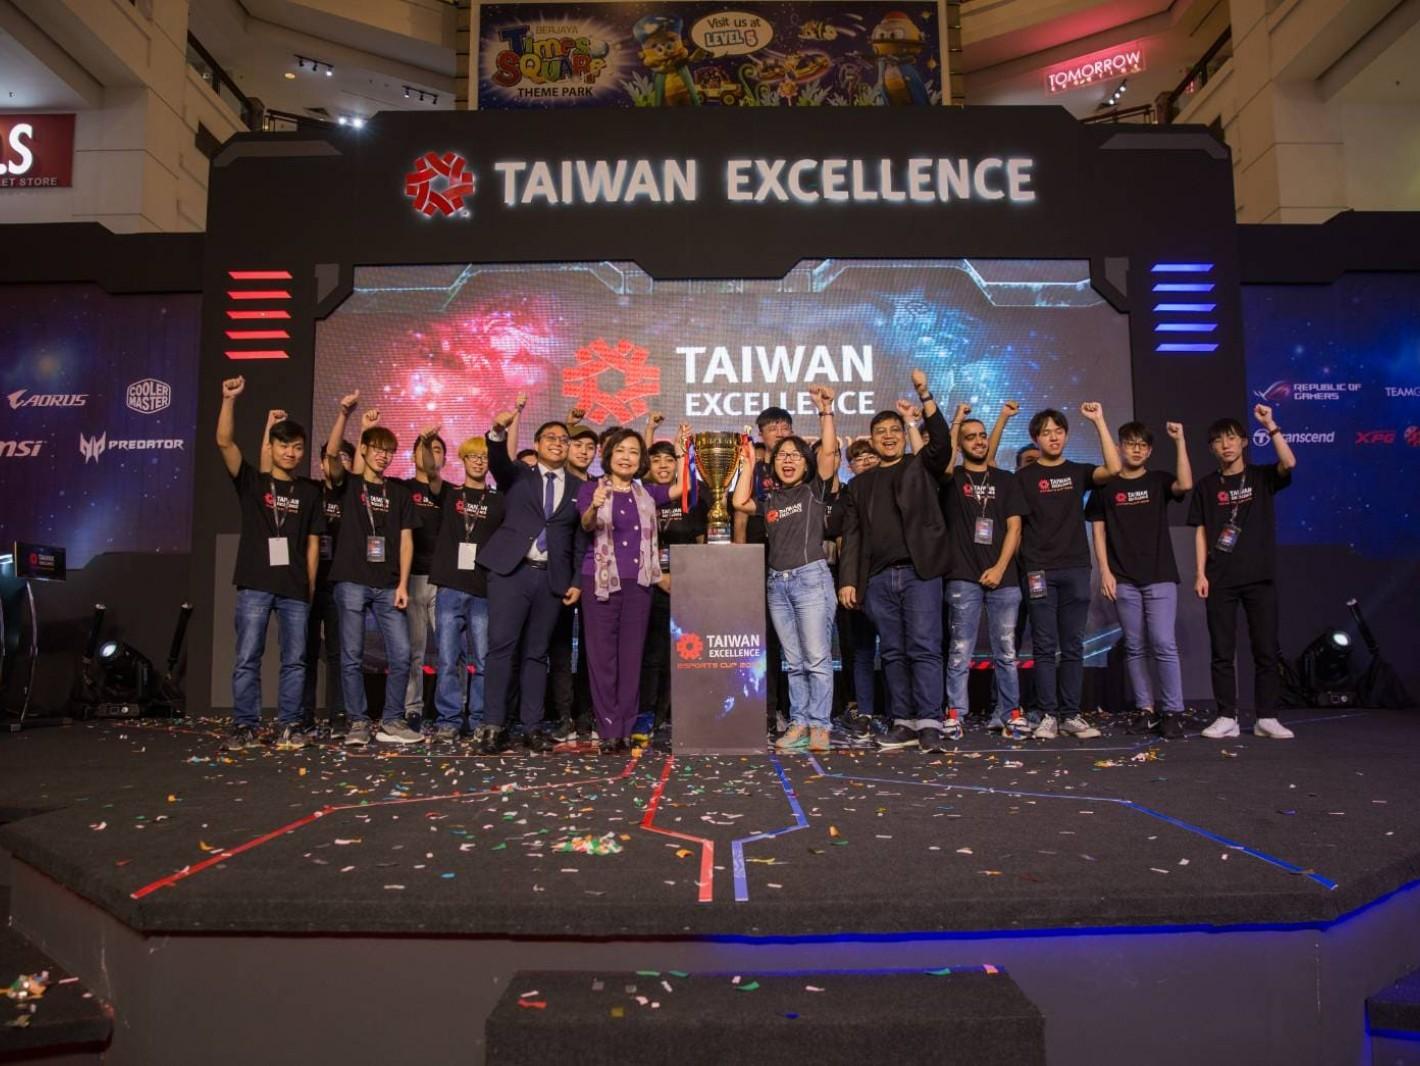 圖二、台灣精品總決賽由駐馬大使洪慧珠(左前二))、吉隆坡台貿中心主任蕭春雁(左前三)、馬來西亞多媒體數位發展機構MDEC副總裁 Hasunl Hadi(左前四)及馬來西亞電競協會會長 Farouq(左